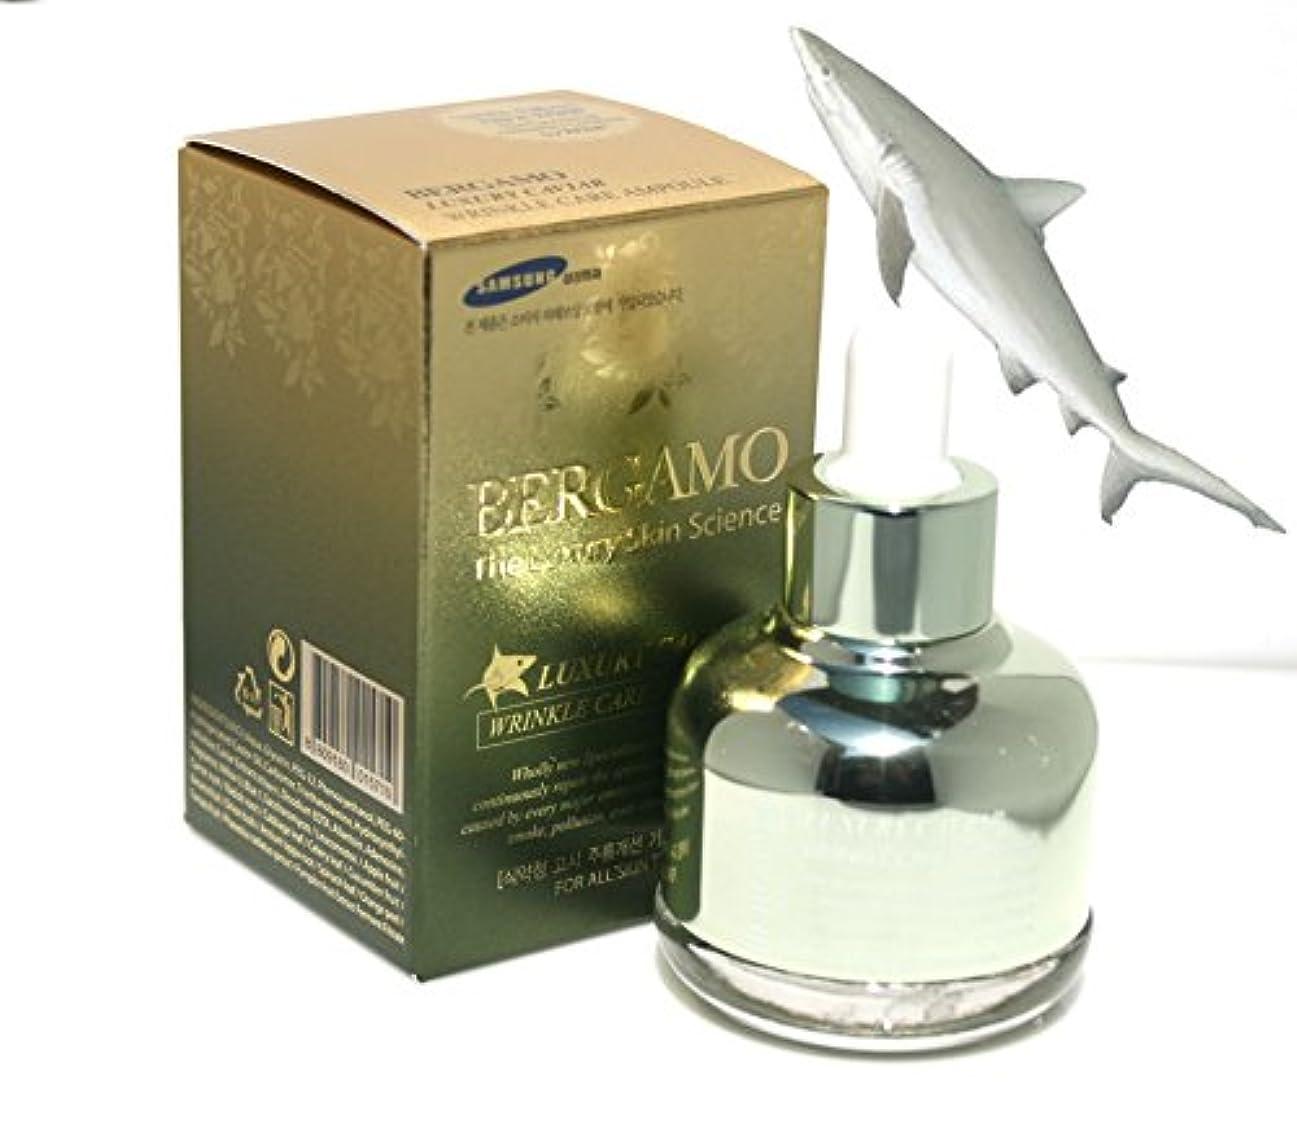 メディックまた憲法【ベルガモ][Bergamo] 皮膚科学高級キャビアリンクルケアアンプル30ml / The Skin Science Luxury Caviar Wrinkle Care Ampoule 30ml / 韓国化粧品 /...